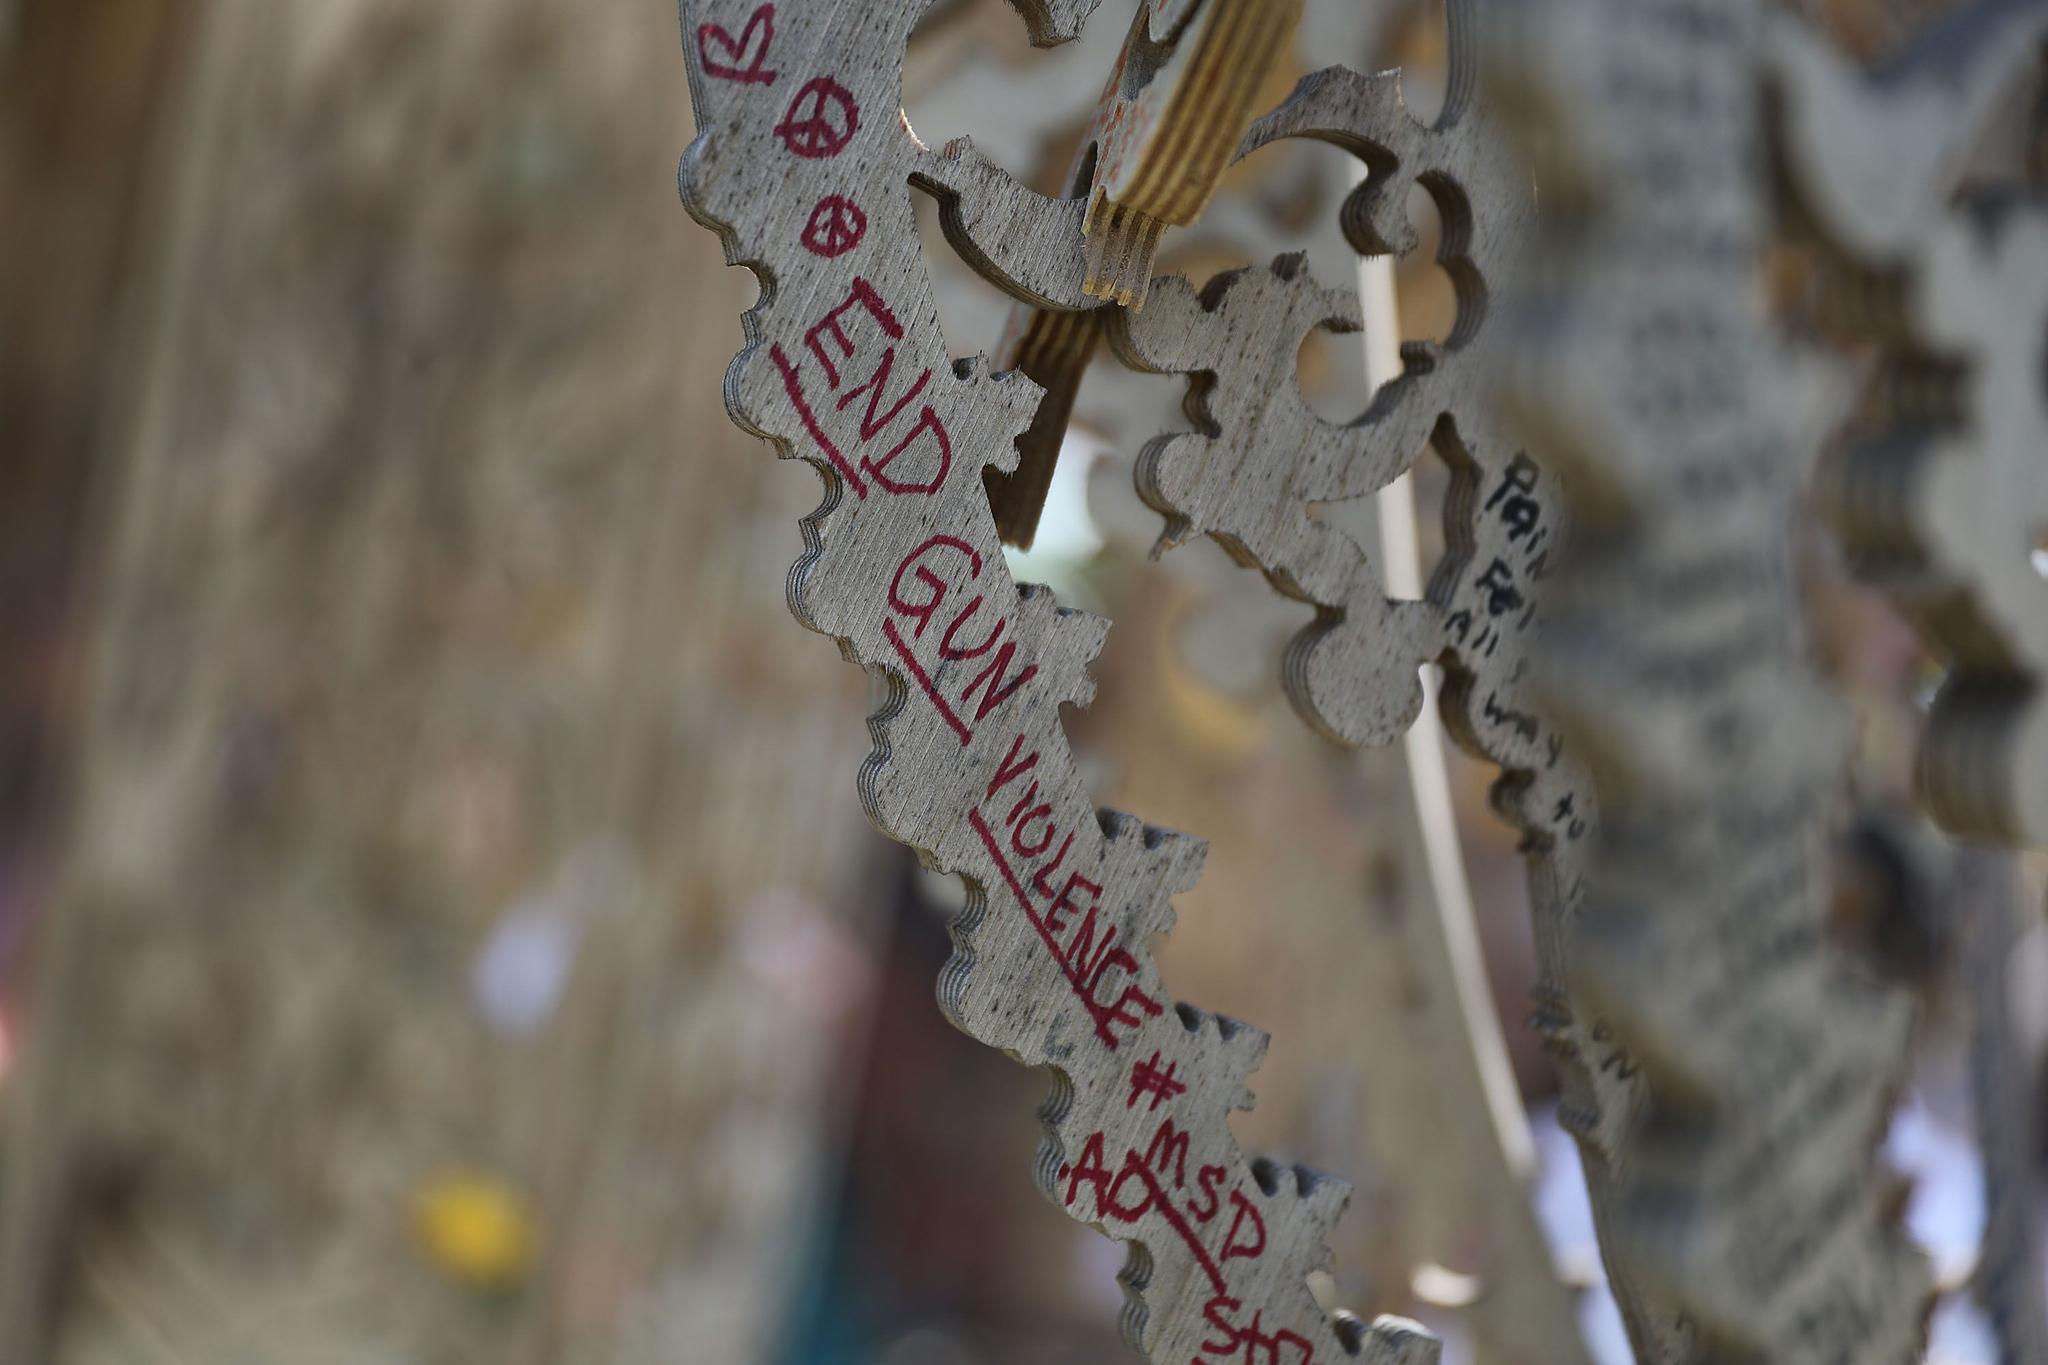 19(현지시간) 사원의 한 부분에 총기 사건에 대한 메시지가 담긴 문구가 적혀 있다. [AFP=연합뉴스]